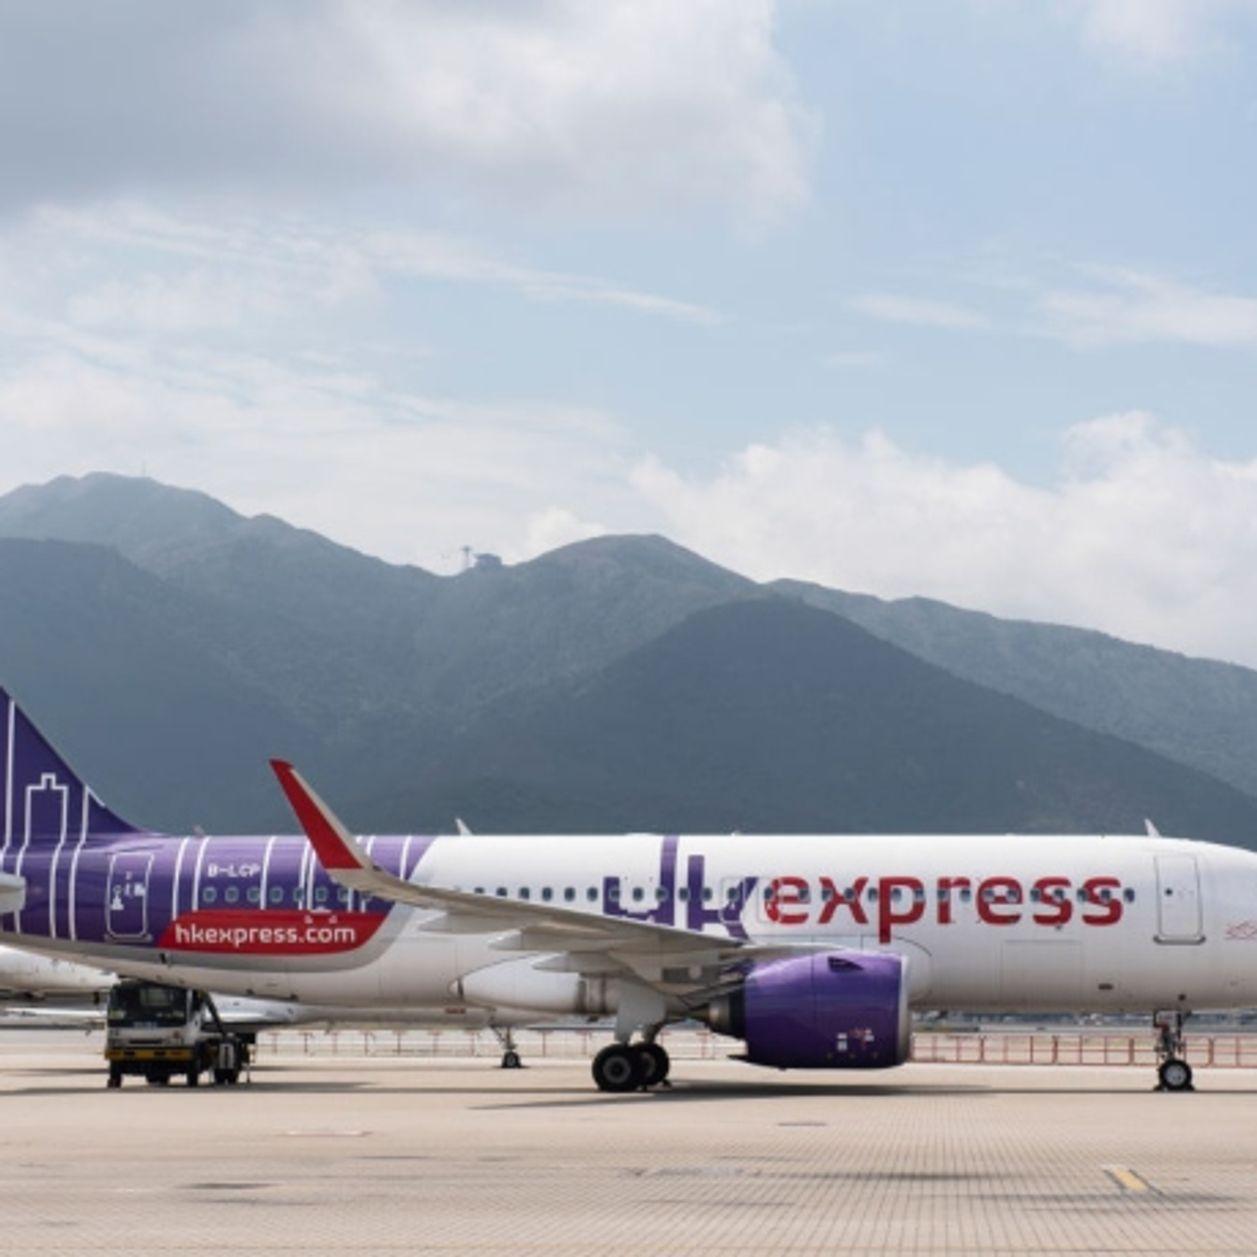 Une jeune femme de 25 ans forcée de passer un test de grossesse avant de prendre son avion